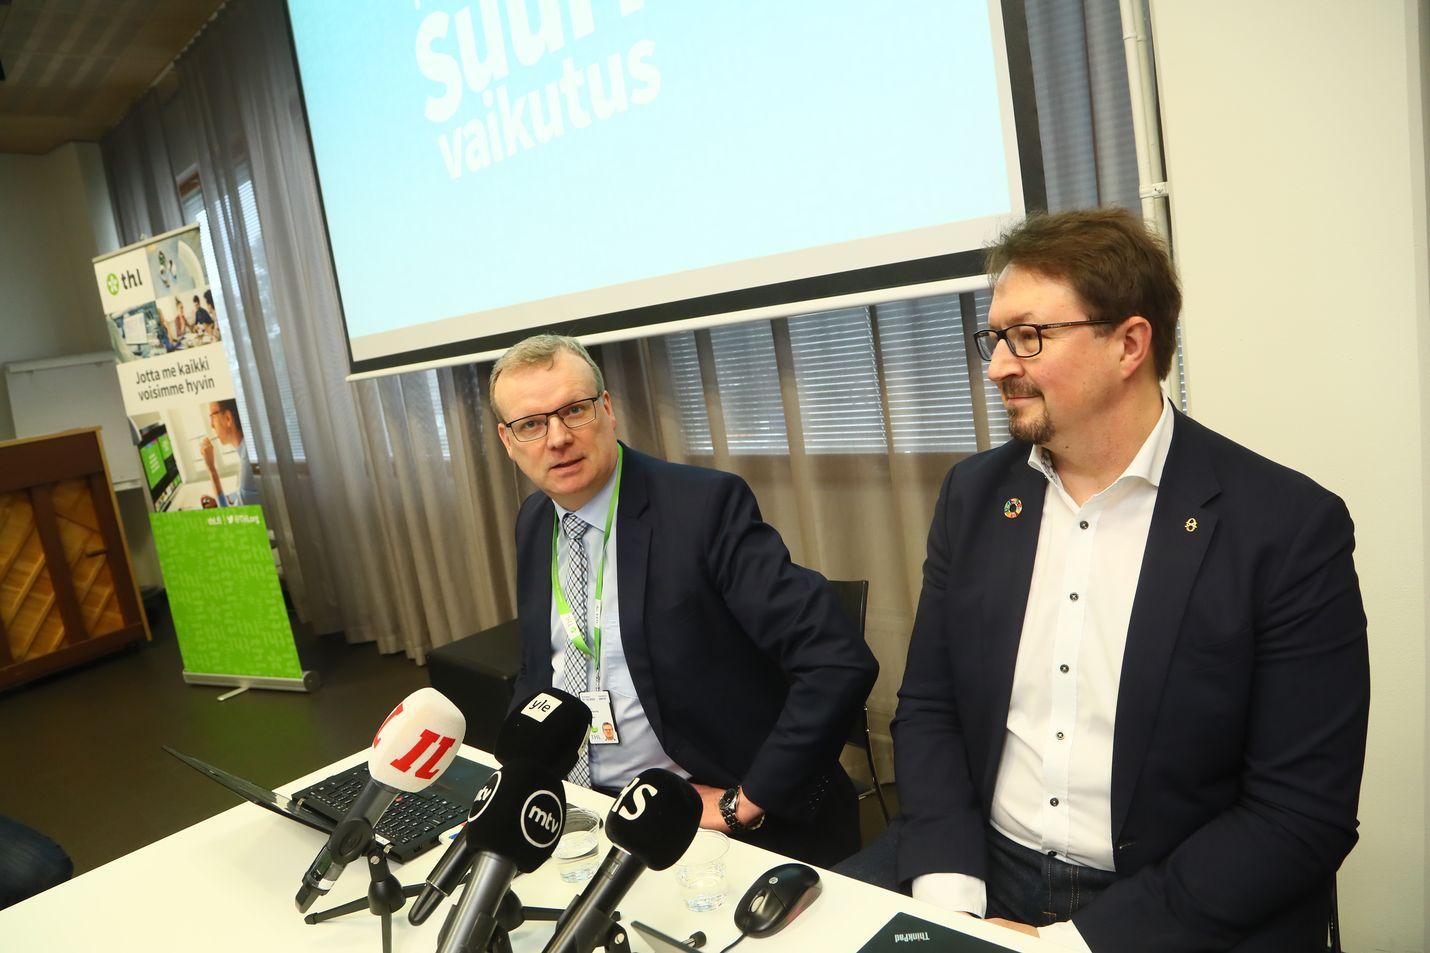 THL:n pääjohtaja Markku Tervahauta ja johtaja Mika Salminen painottivat kansalaisille ohjeiden noudattamista.